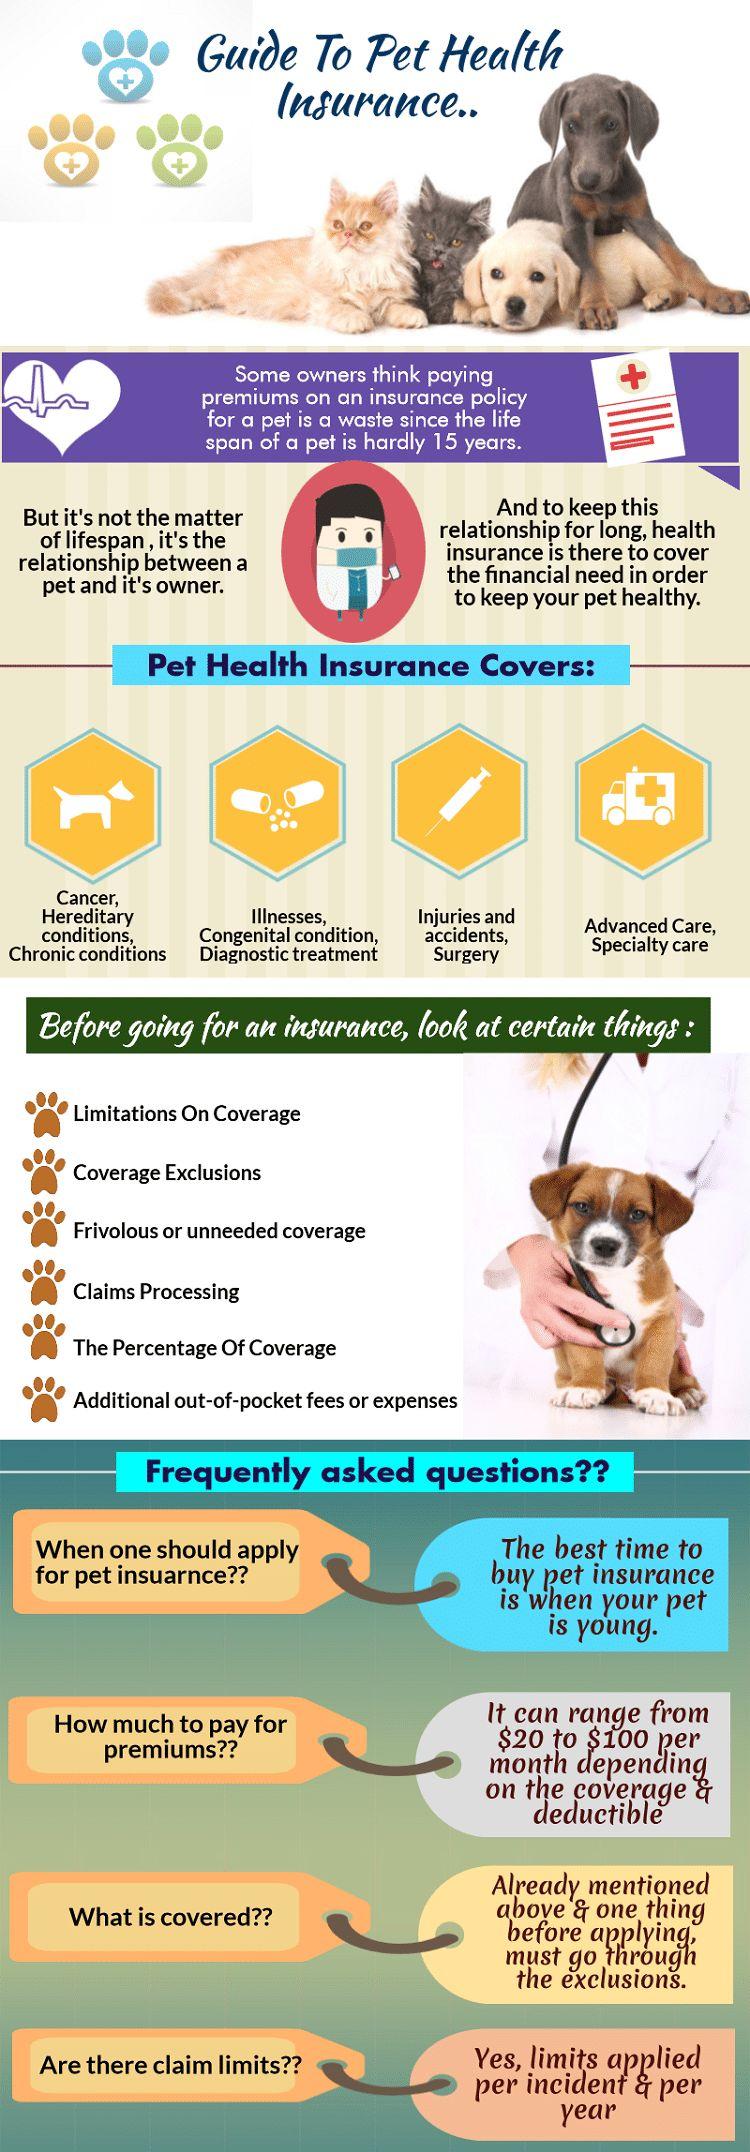 la thérapie au laser à froid pour les chiens: traitement de récupération sans douleur